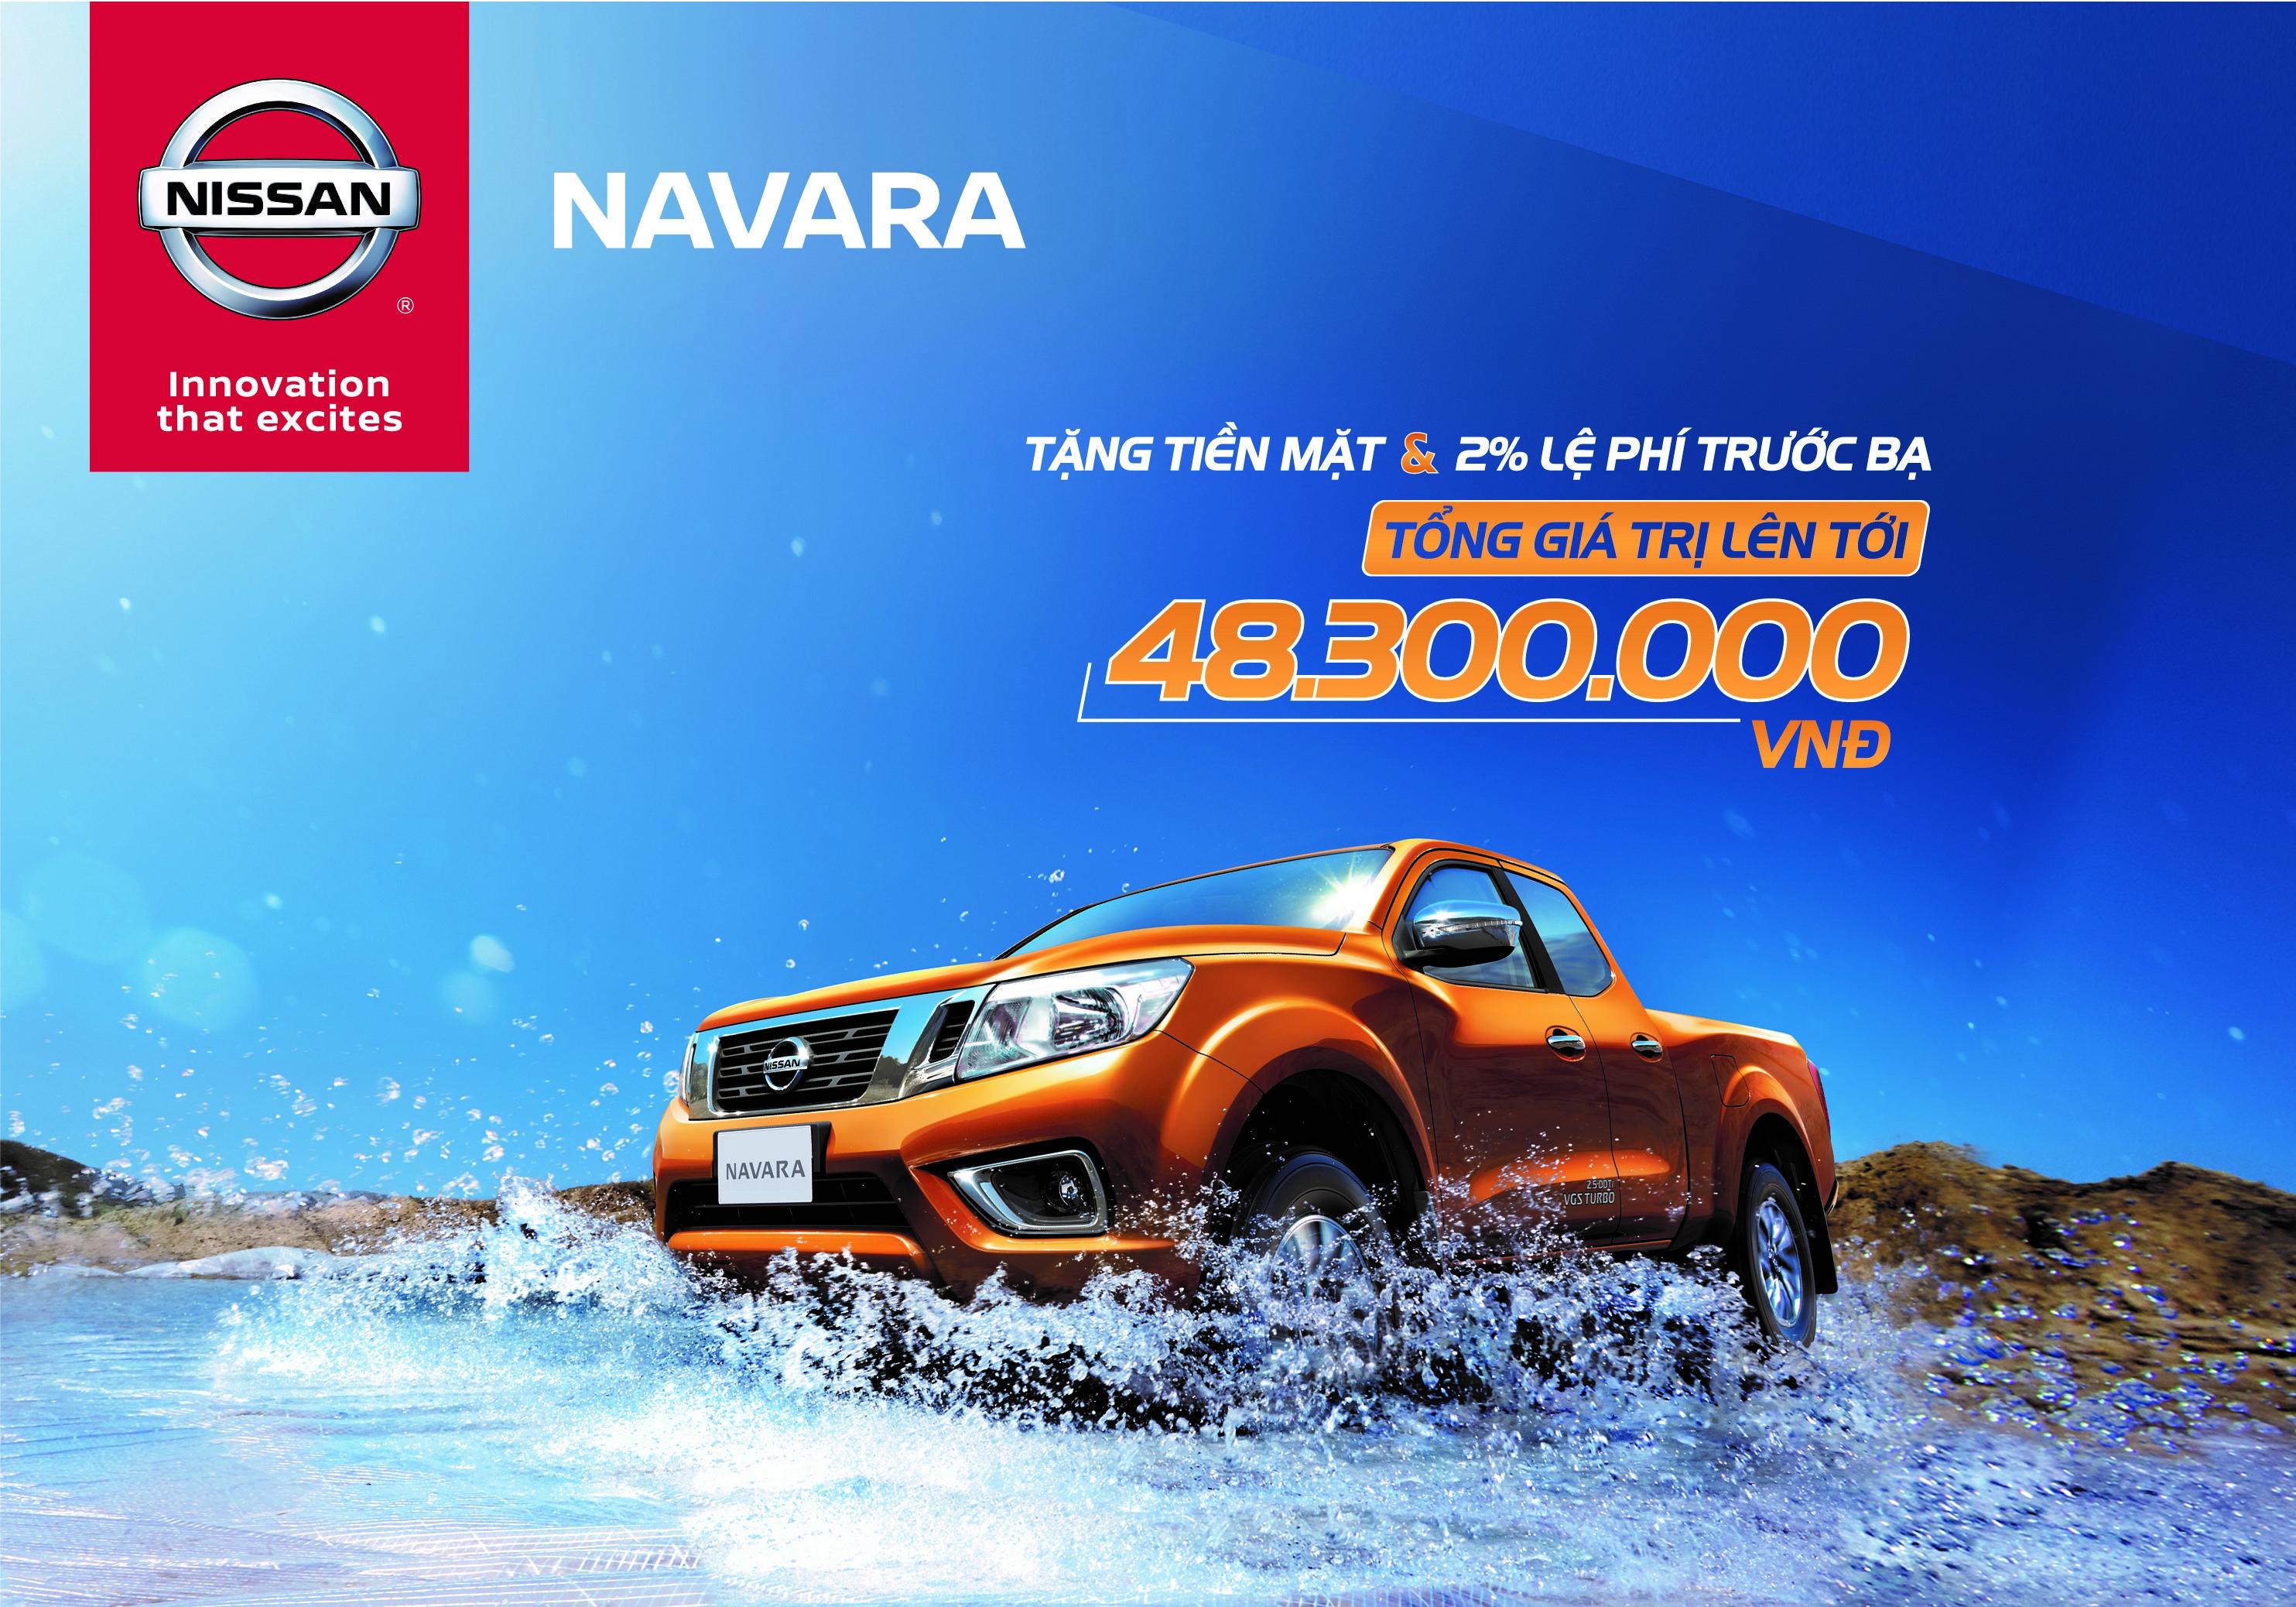 Khuyến mại đặc biệt dành cho Navara EL và Navara VL trong tháng 8